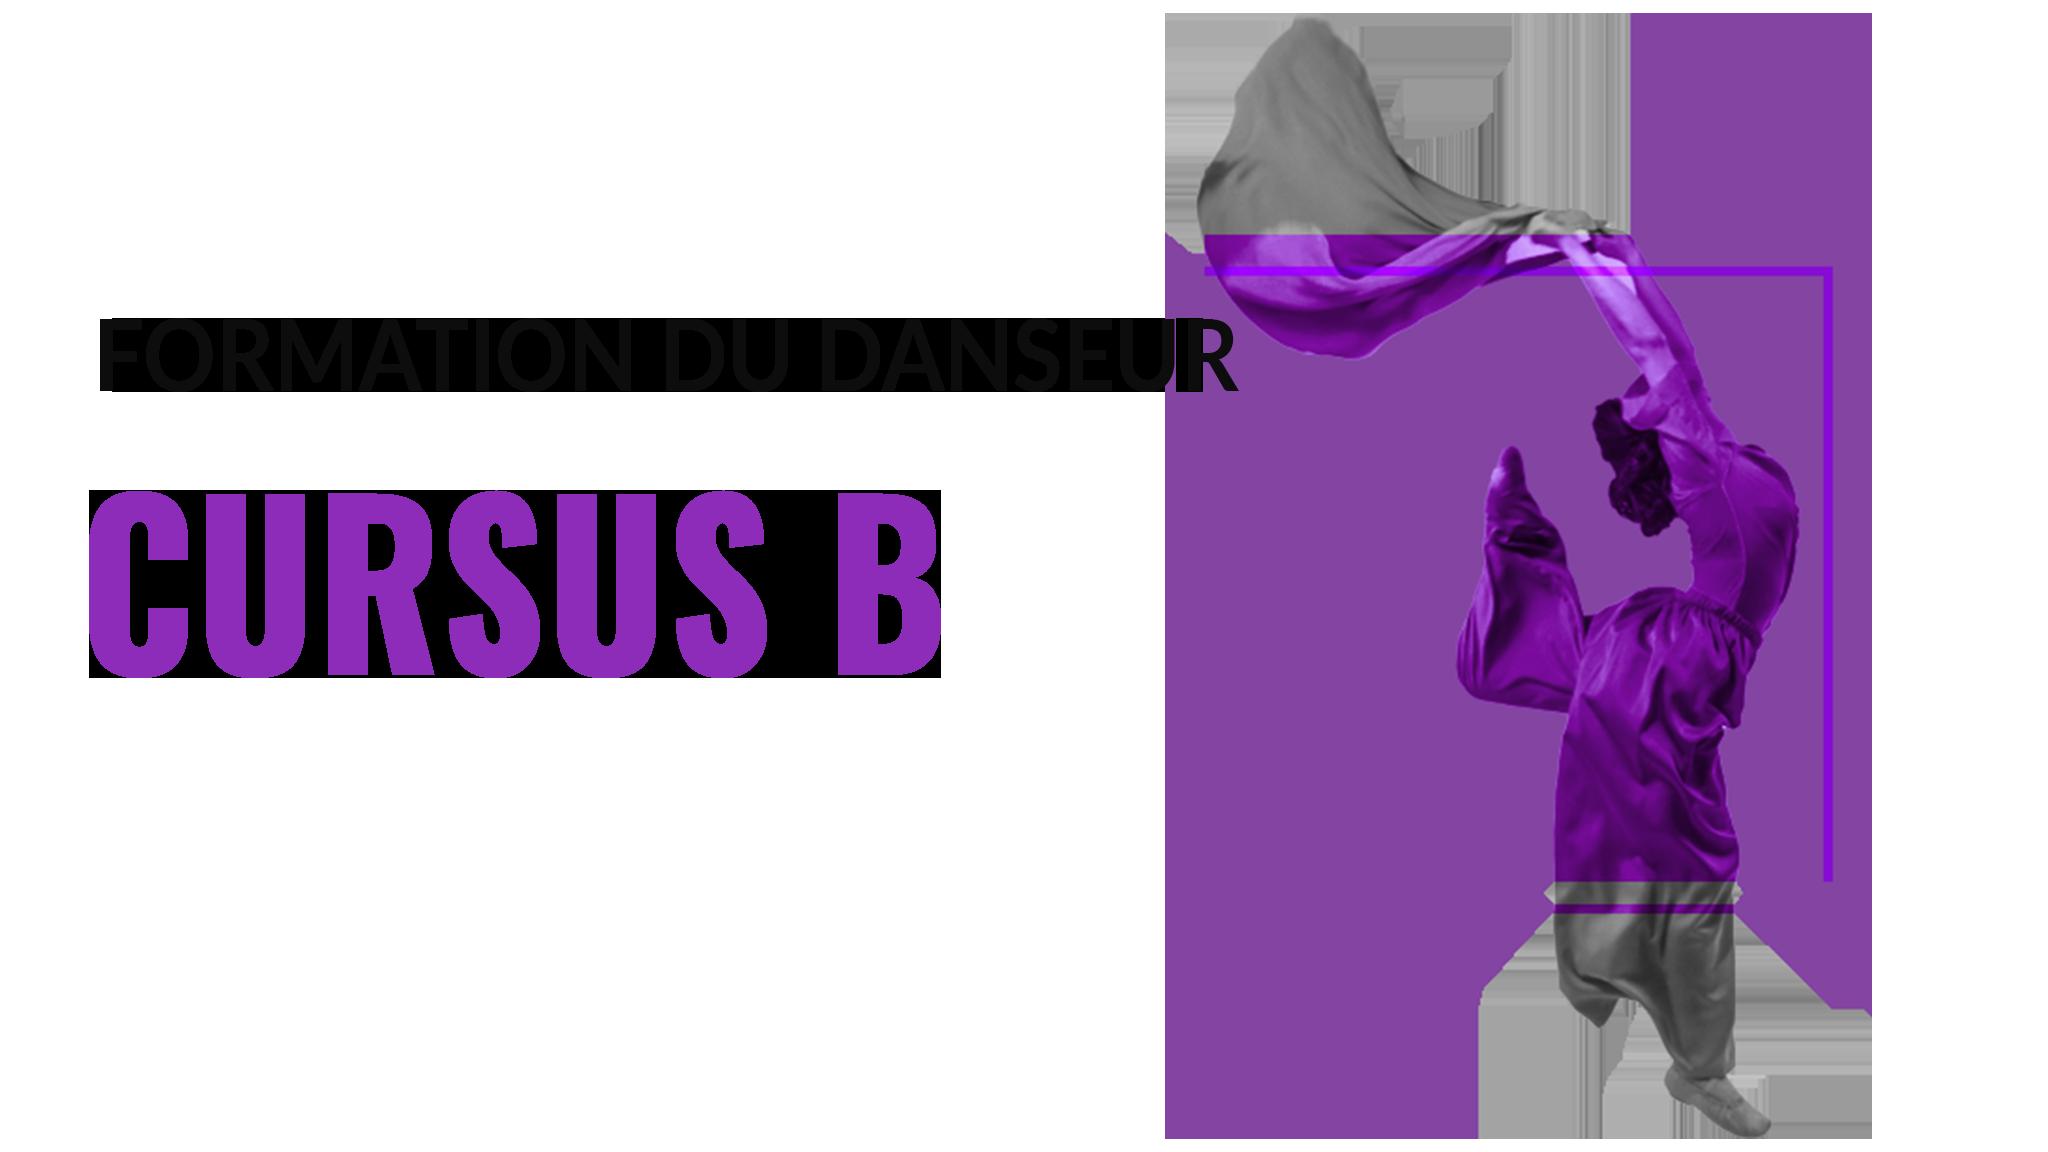 Formation du Danseur – Cursus B